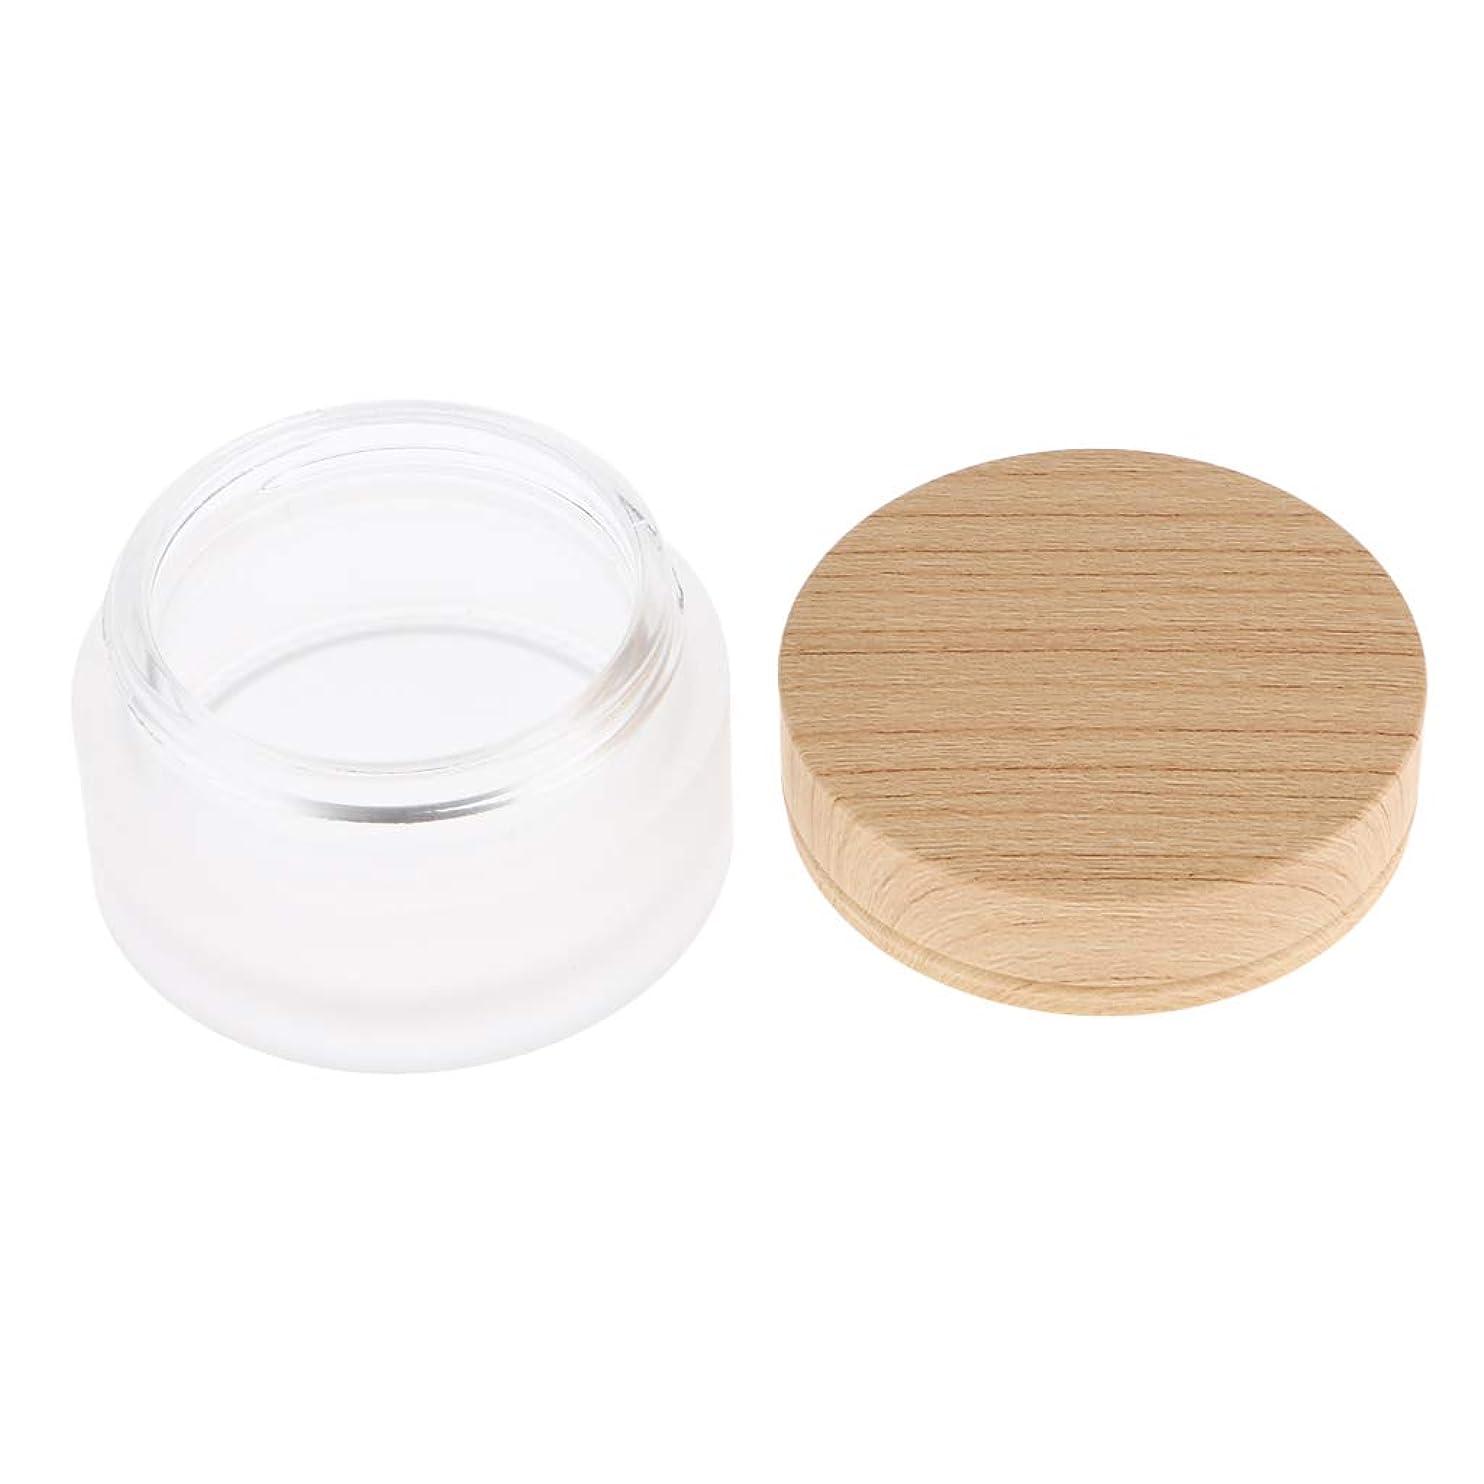 バッテリー効果的下に向けます再利用可能なフェイスクリーム保湿剤化粧容器ポット化粧品瓶缶 - 30g